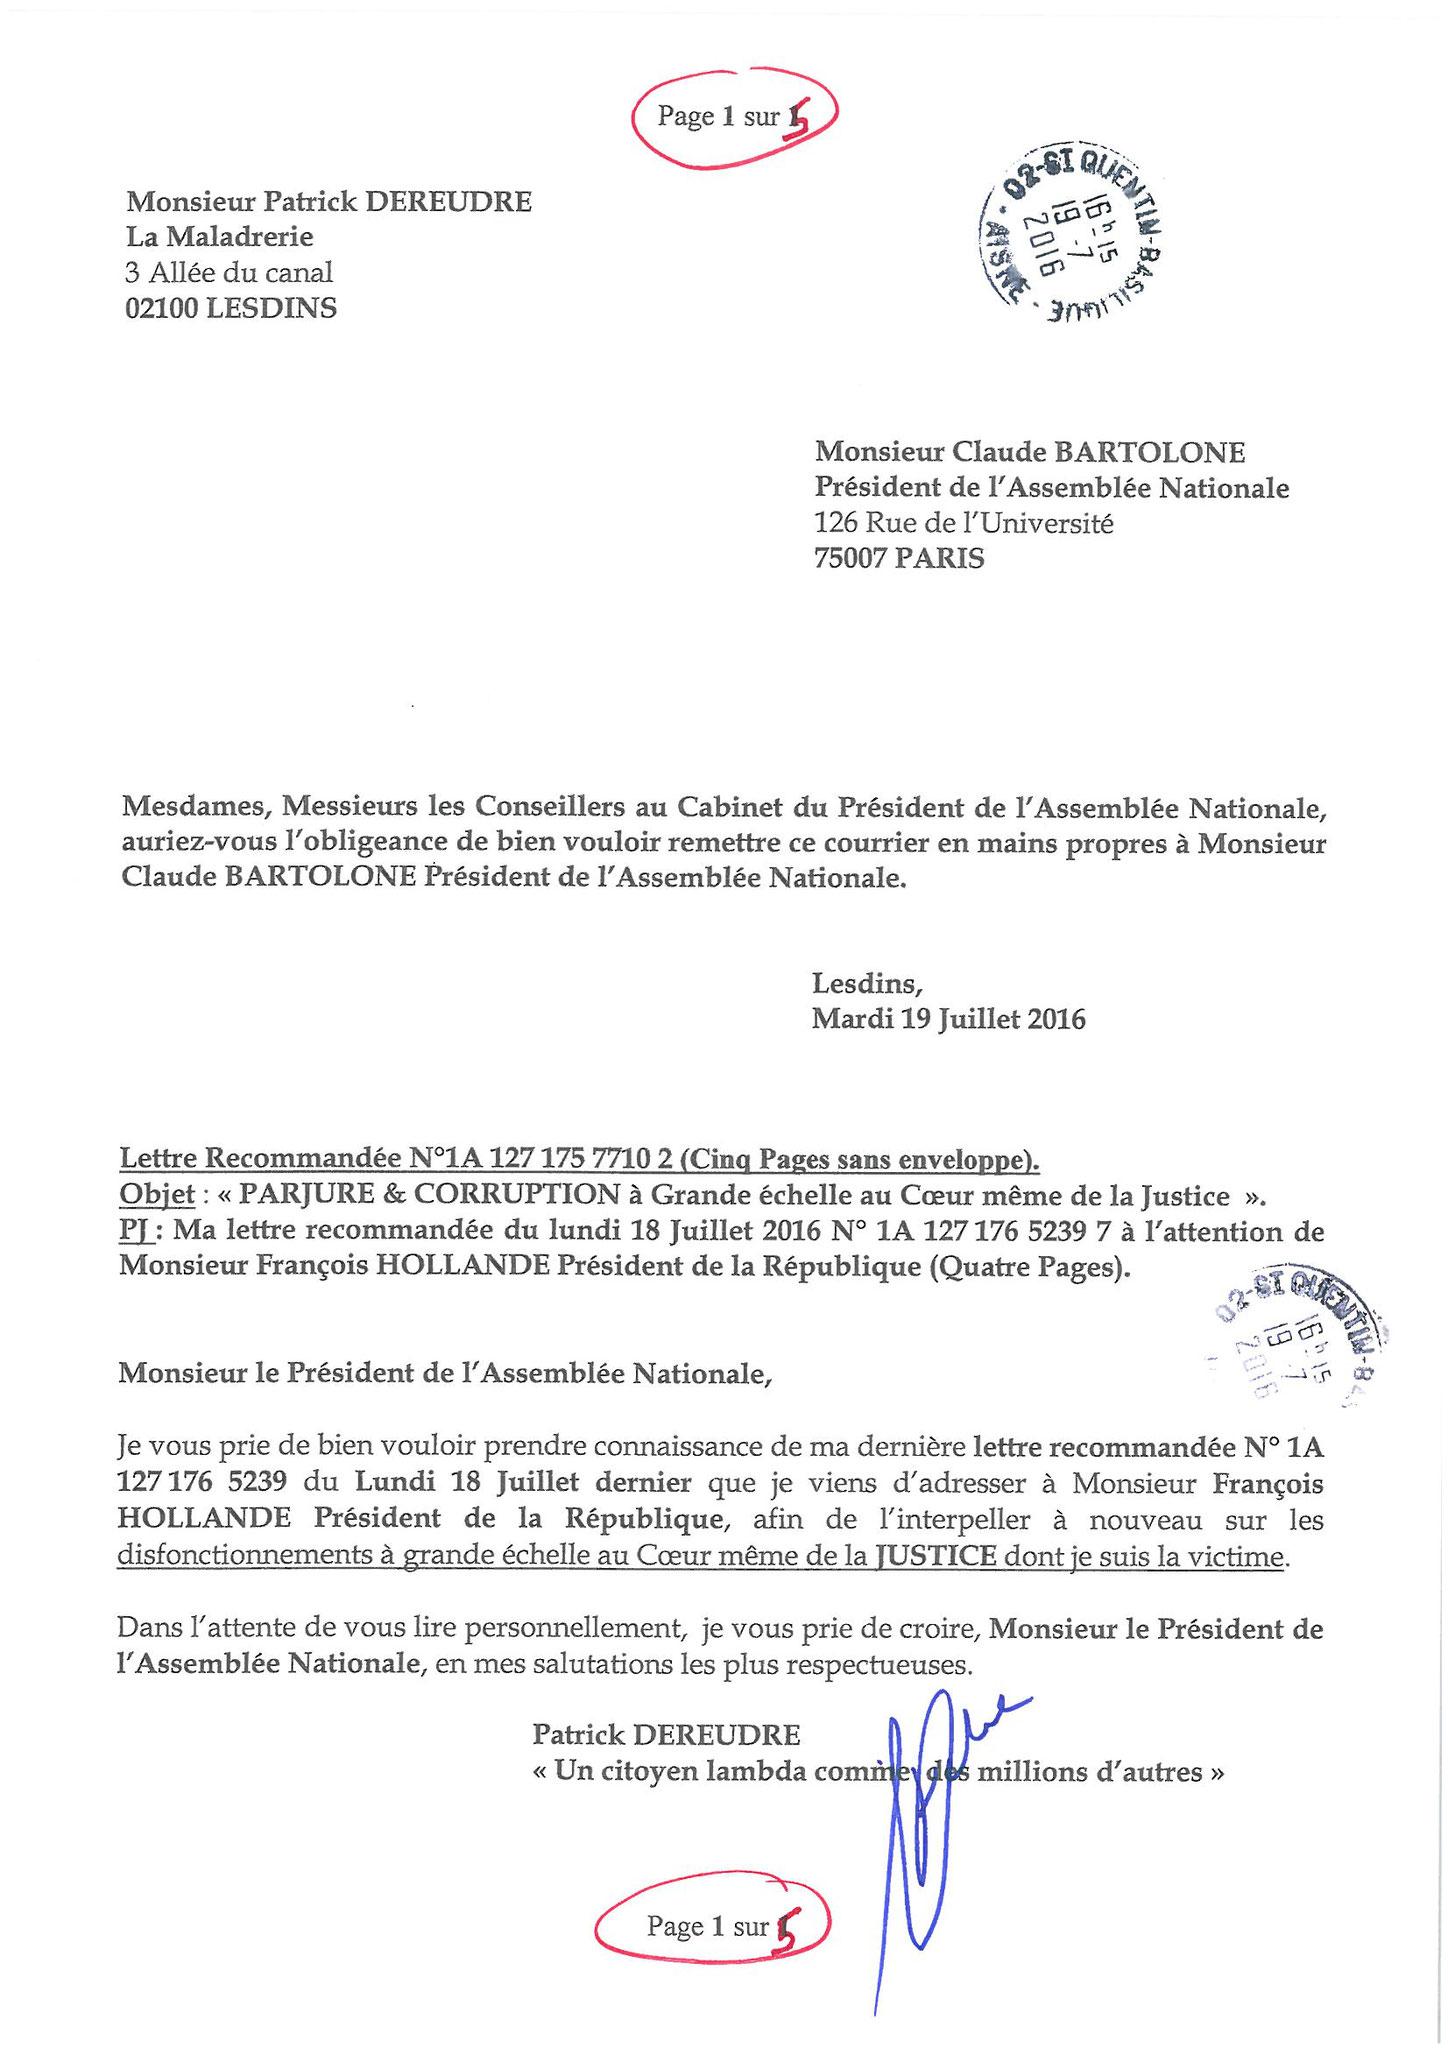 LRAR du 19 Juillet 2016 à Monsieur Claude BARTOLONE le Président de l'Assemblée Nationale 1 sur 5